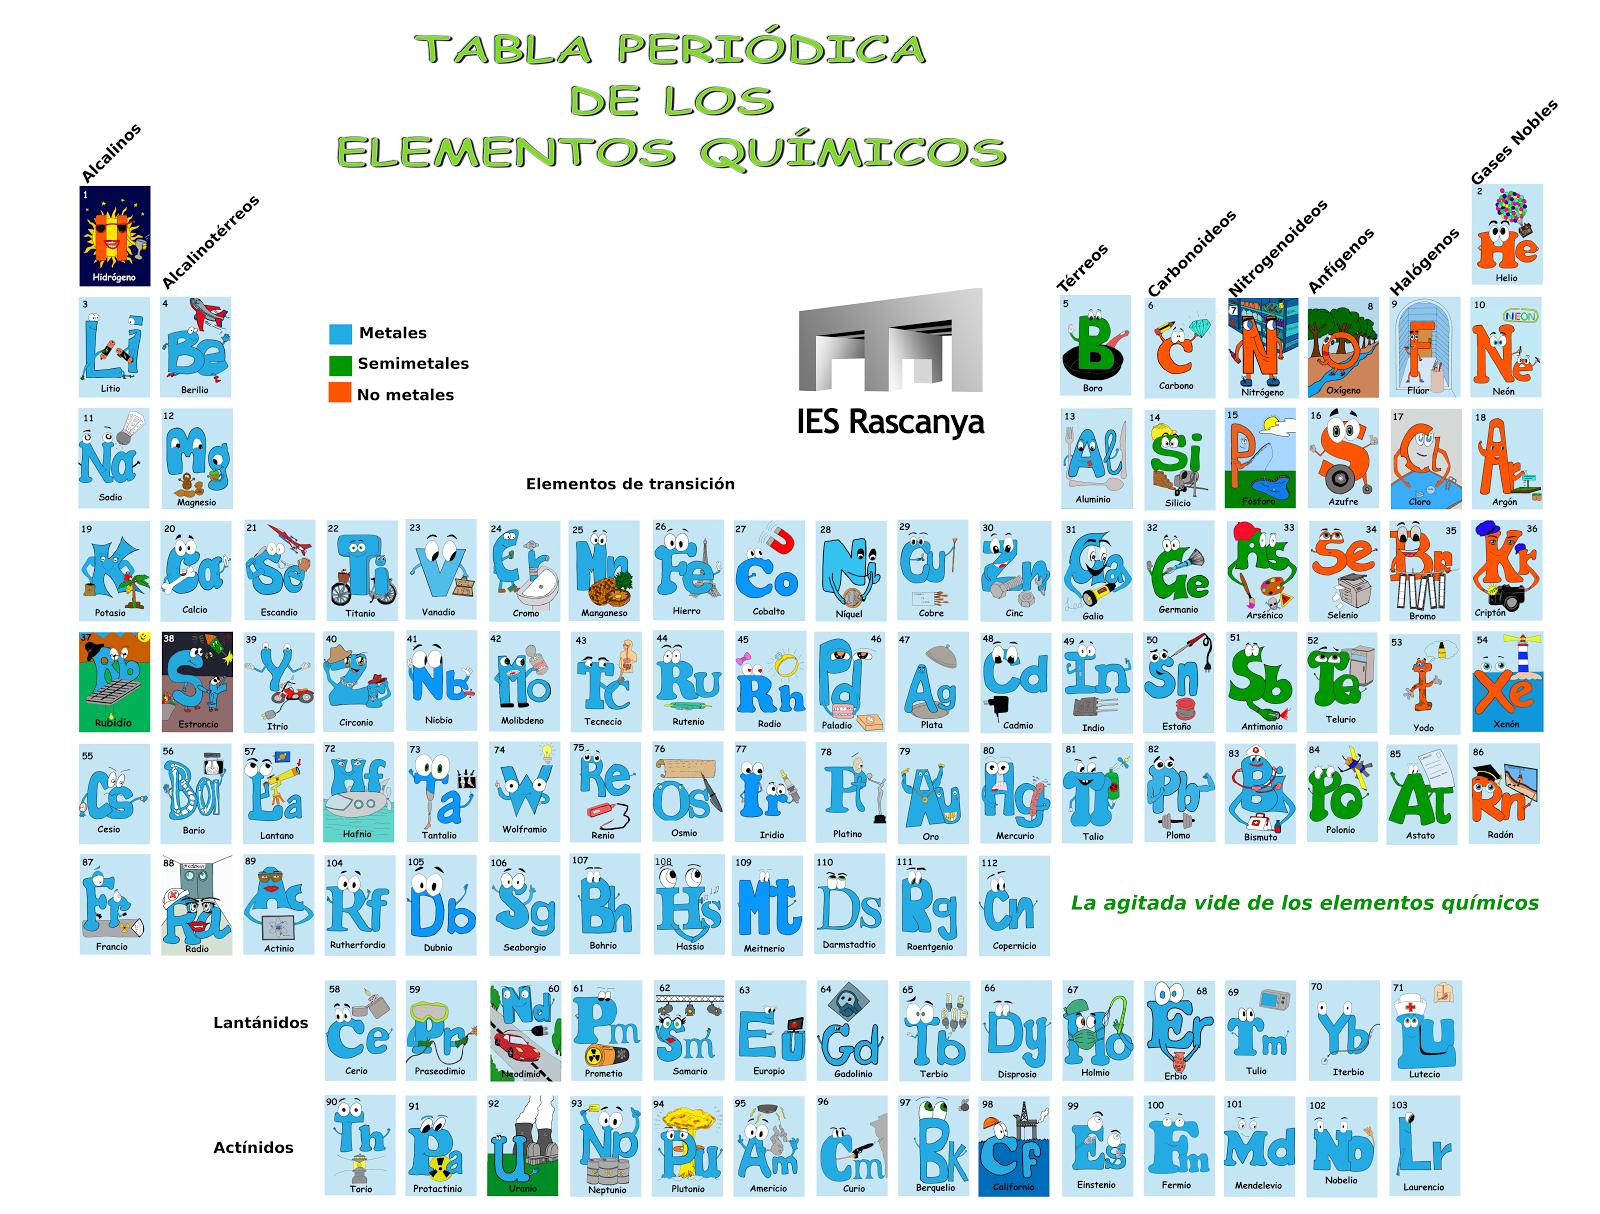 La agitada vida de los elementos tabla peridica rascanya tabla peridica con los dibujos alumnos pdc urtaz Choice Image